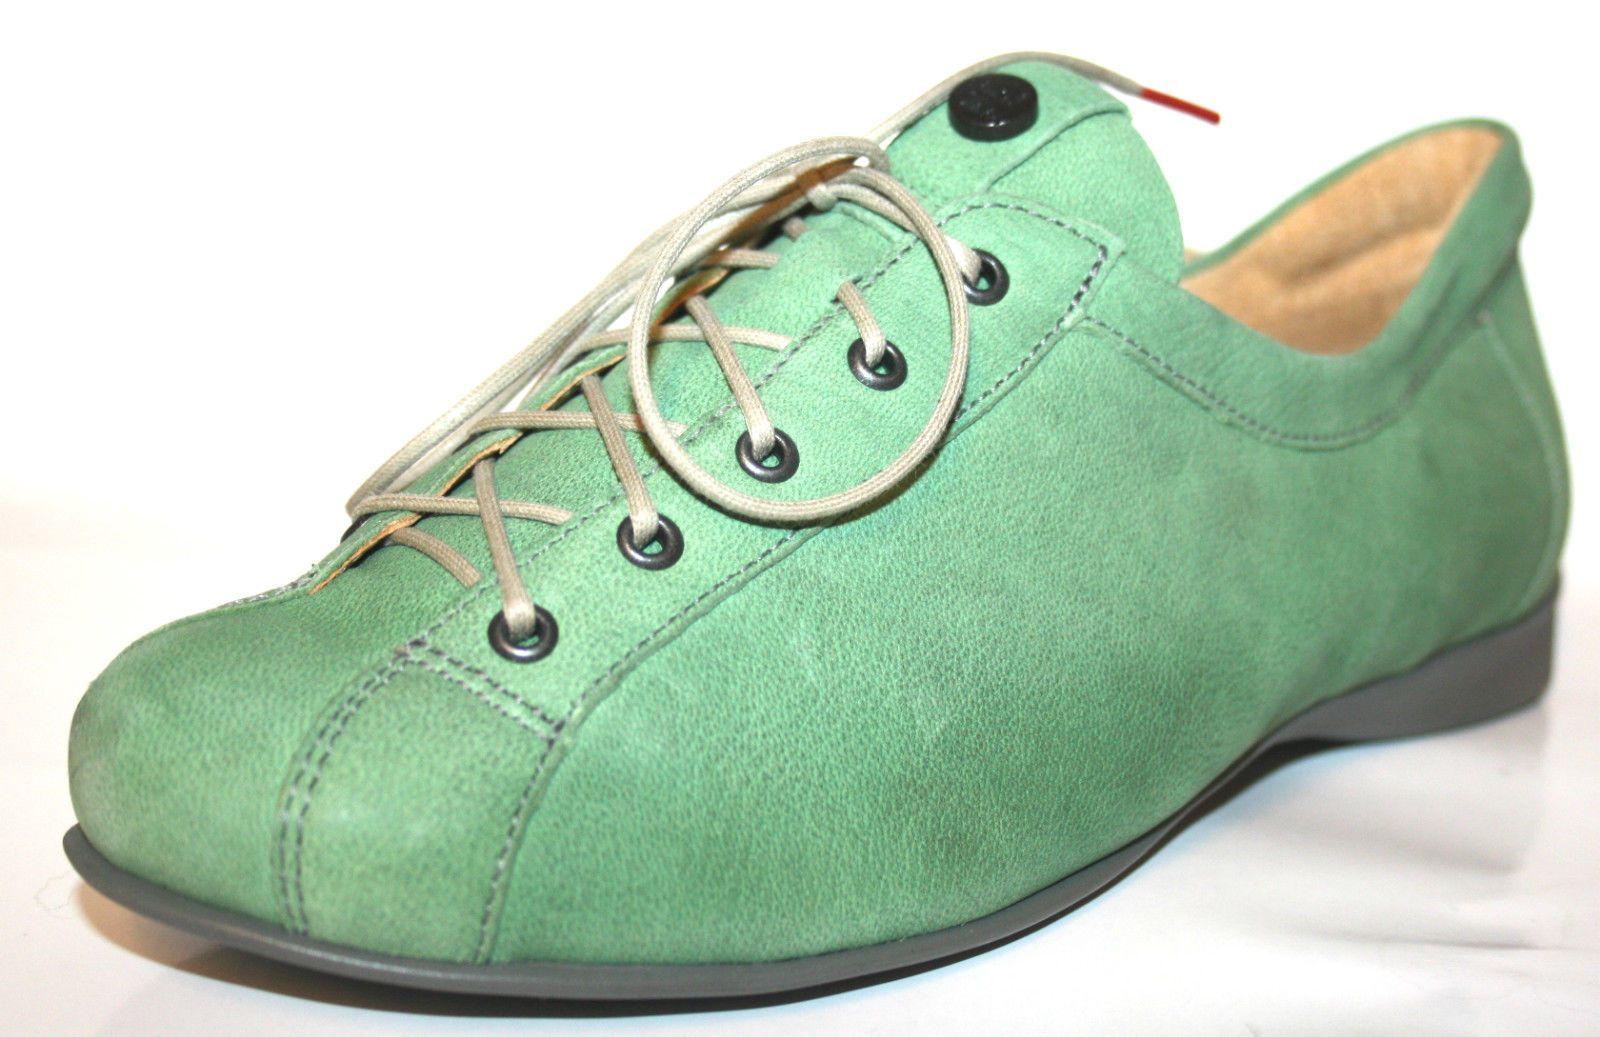 http://www.ebay.de/itm/Think-84050-Gr-42-Damen-Schuhe-Schnurschuhe-Halbschuhe-Shoes-for-Women-New-/391392967509?hash=item5b20d6bb55:g:3FwAAOSweW5Vdq4f